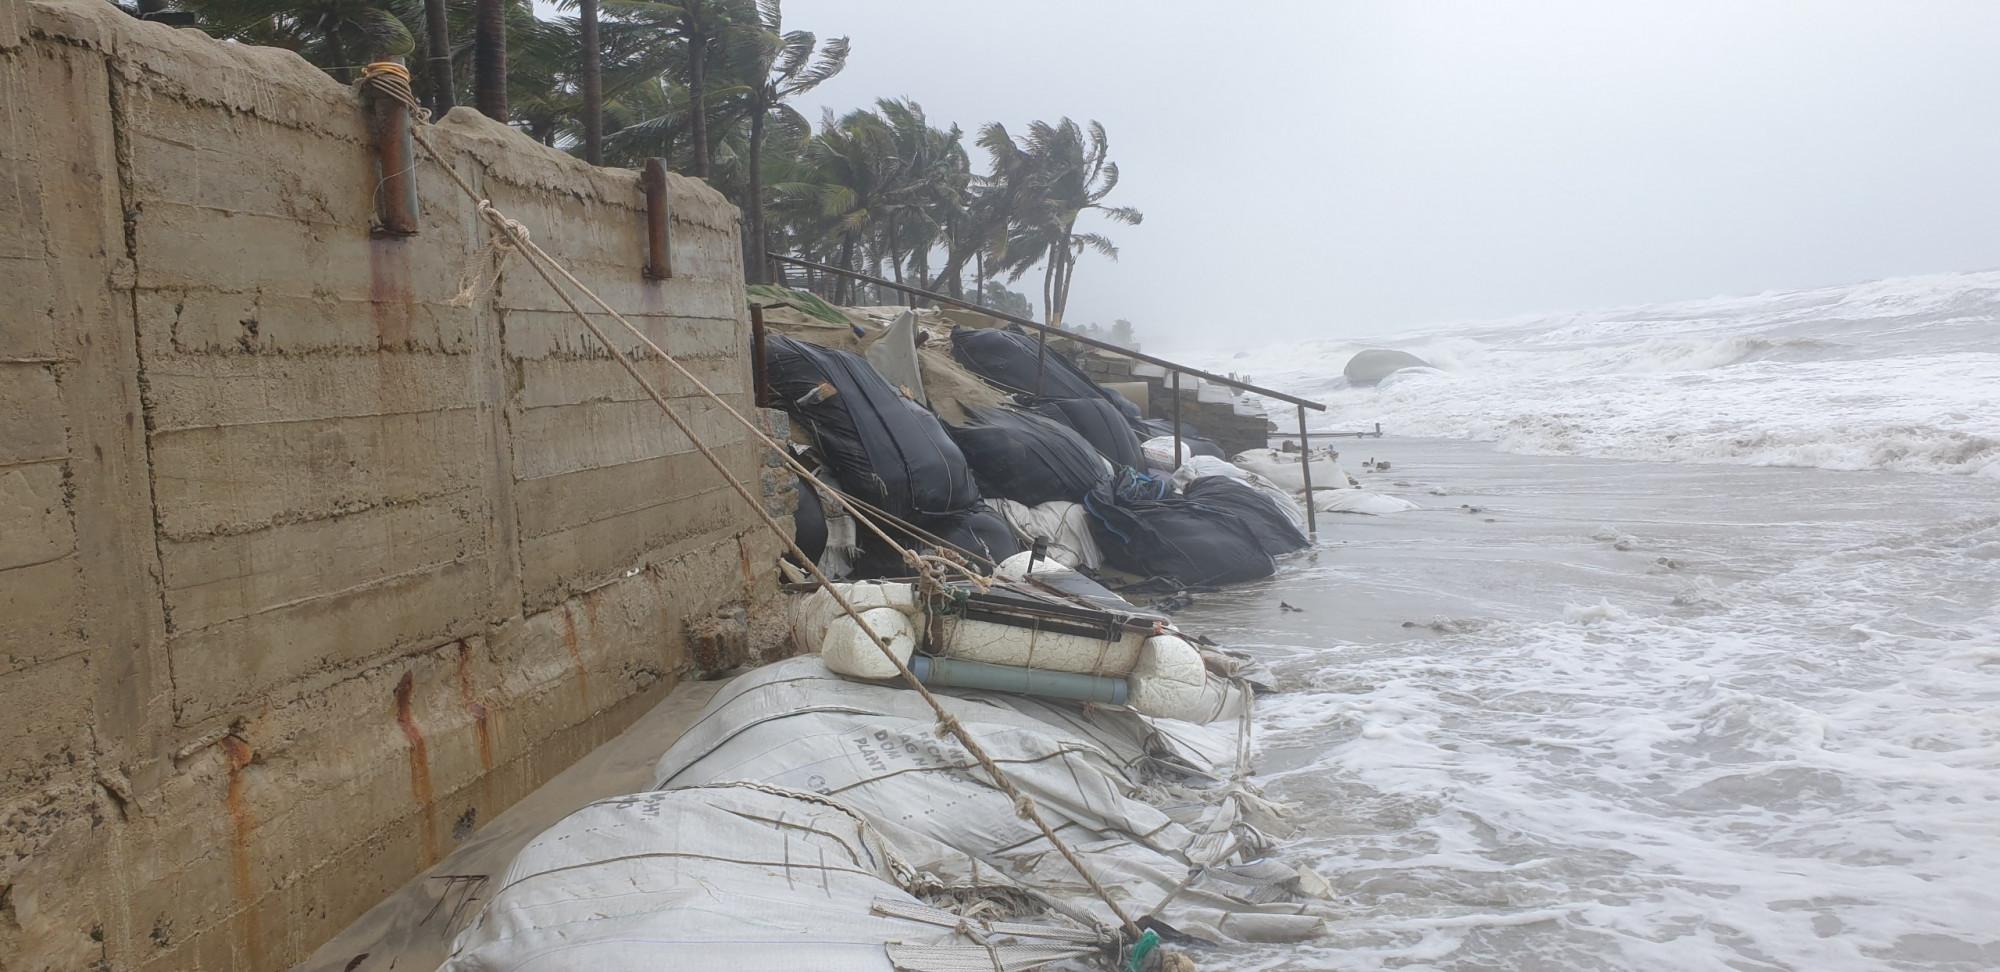 Theo ghi nhận, có hơn 100m kè được gia cố bằng bao cát, cọc tre tại bờ biển Cửa Đại đang bị uy hiếp, hư hỏng